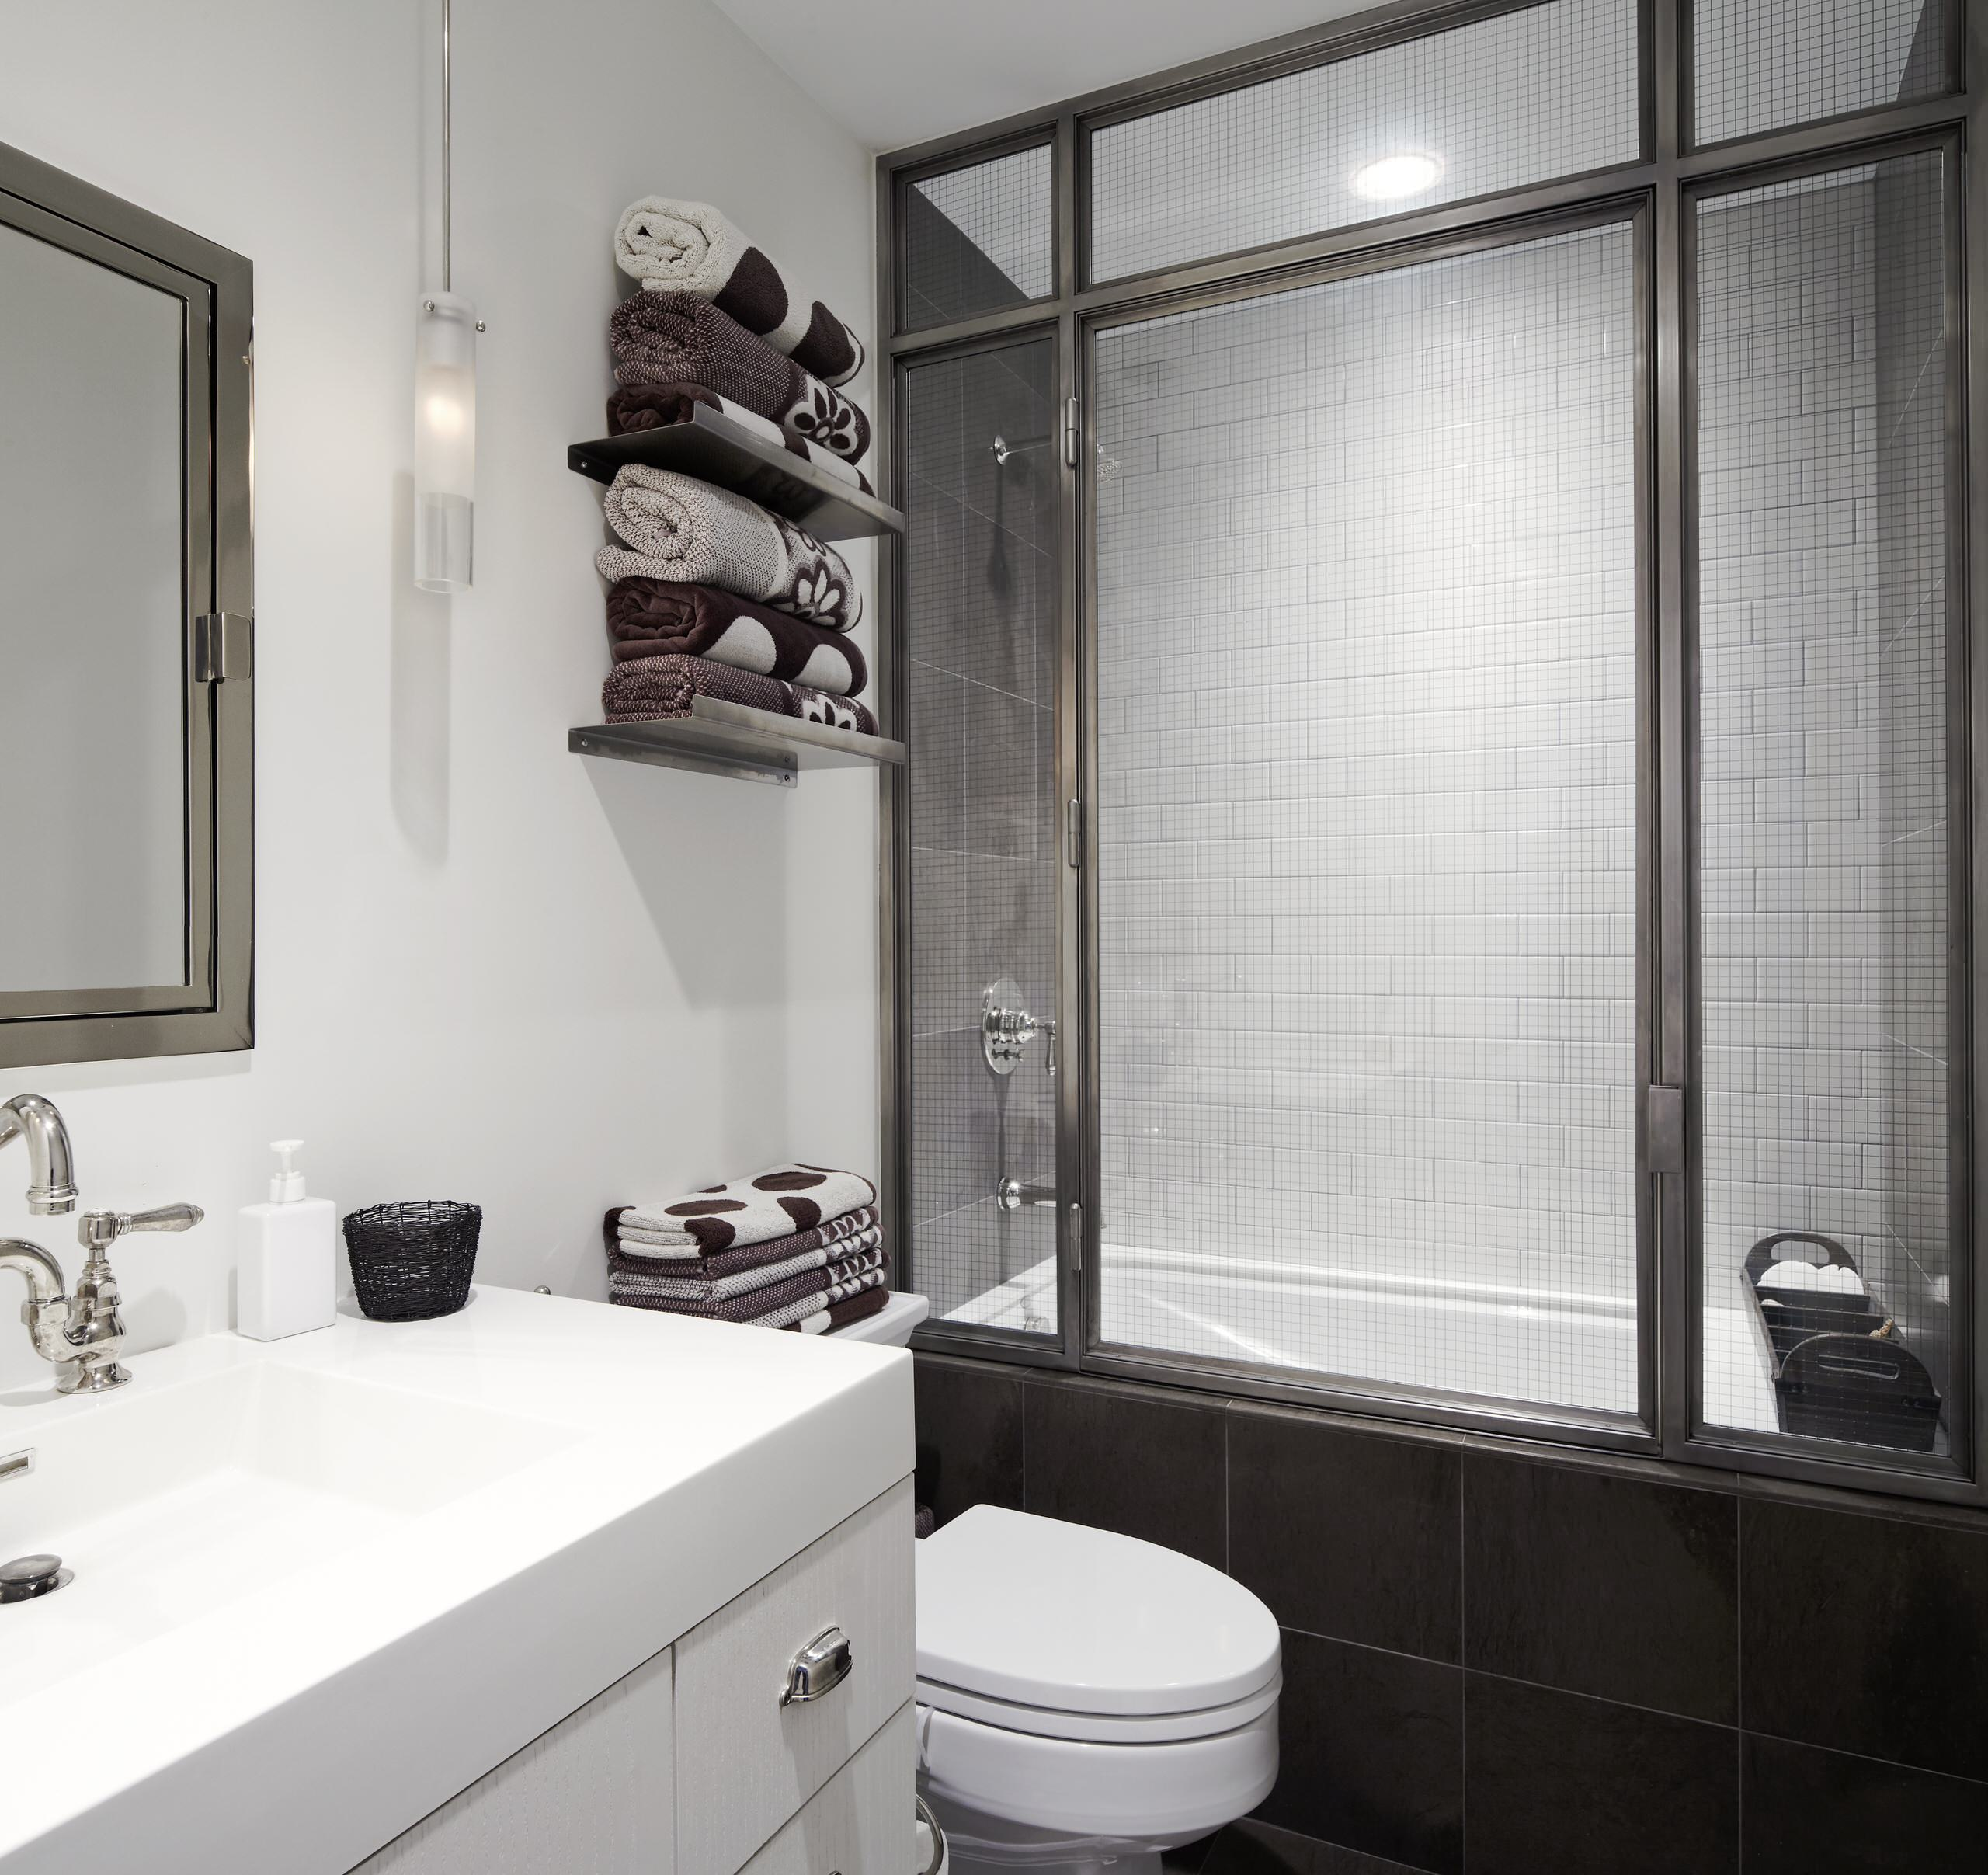 Настенные полки для полотенец в ванной